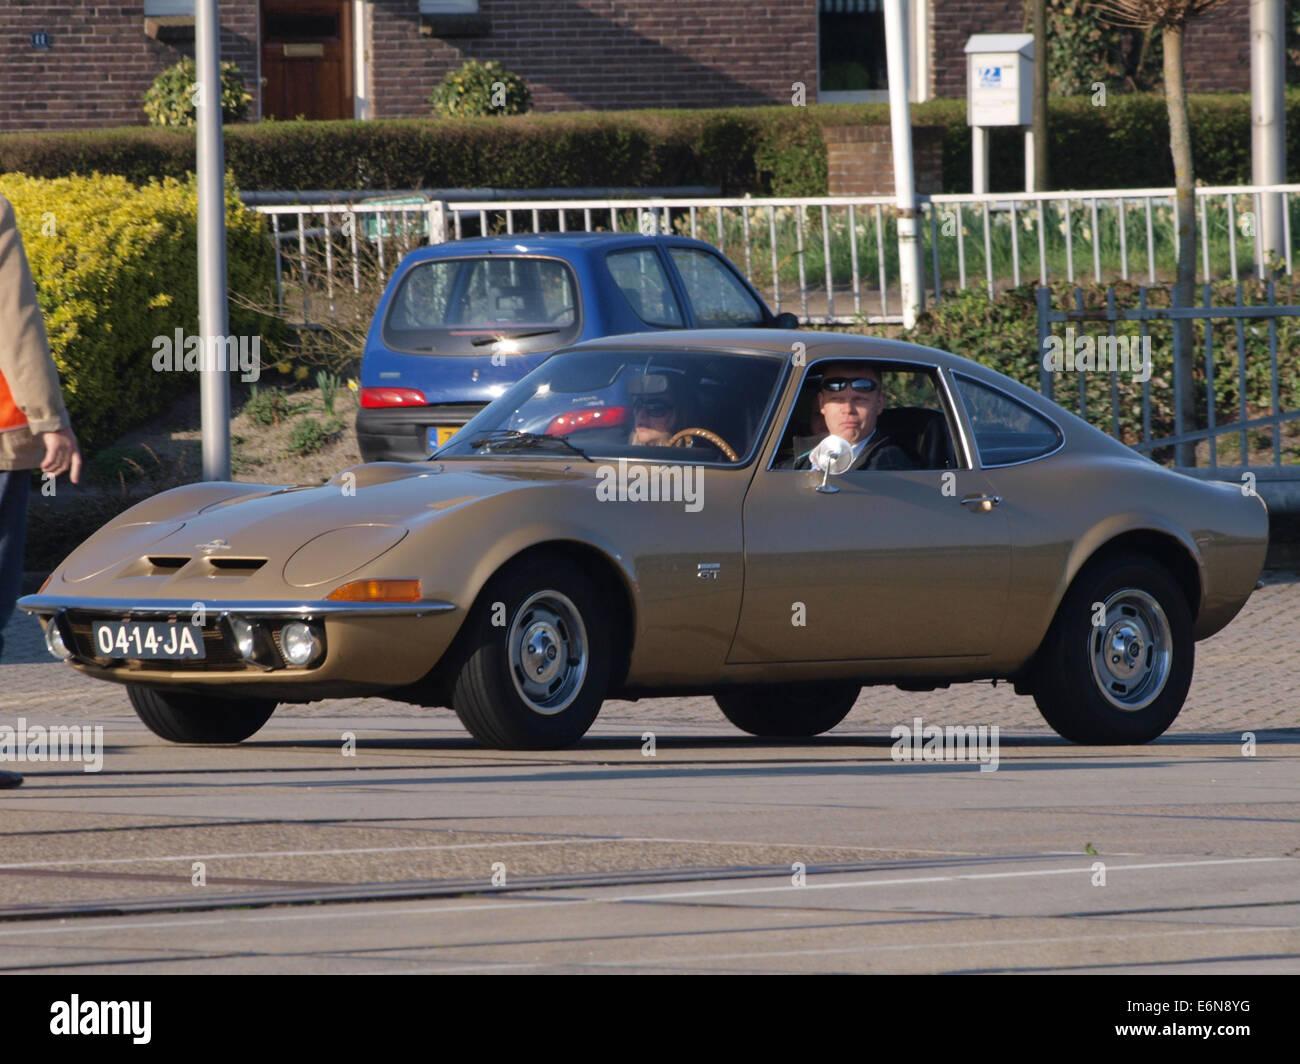 Opel GT (1970), niederländischer Lizenz Registrierung 04-14-JA, pic1 Stockbild